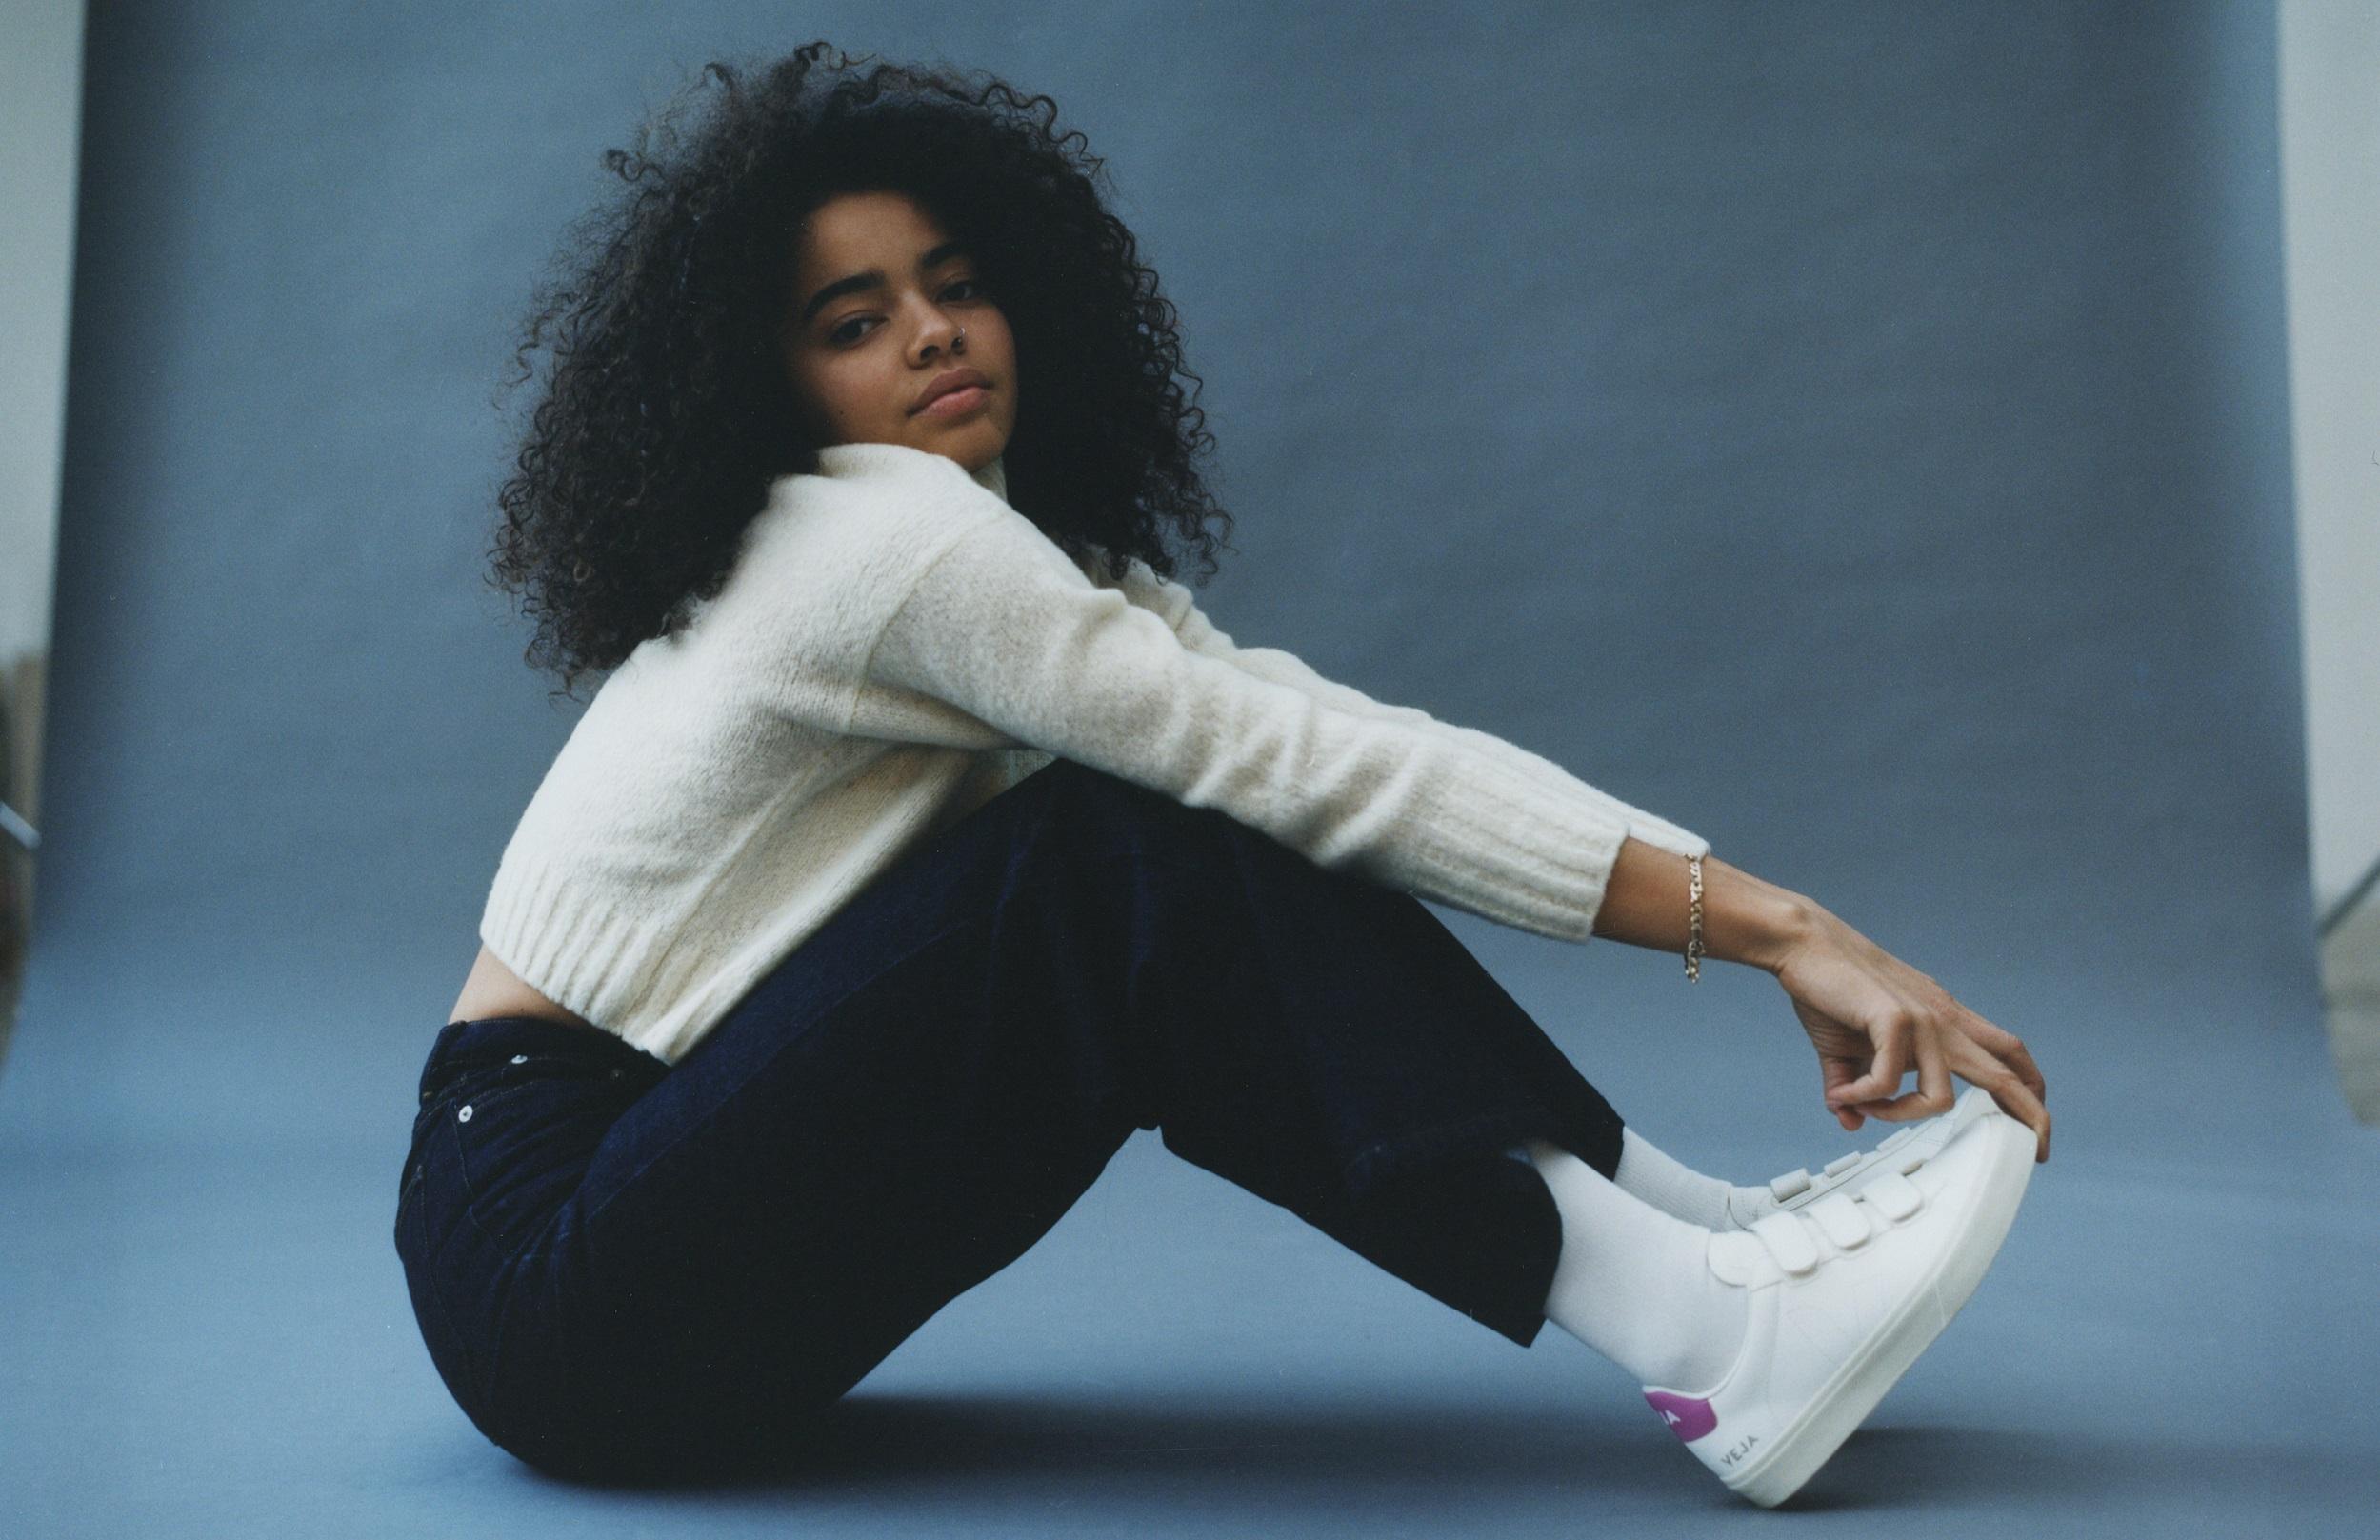 Model mit schwarzen Locken sitzt auf dem Boden und trägt Veja Sneakers aus der Kollektion 2021